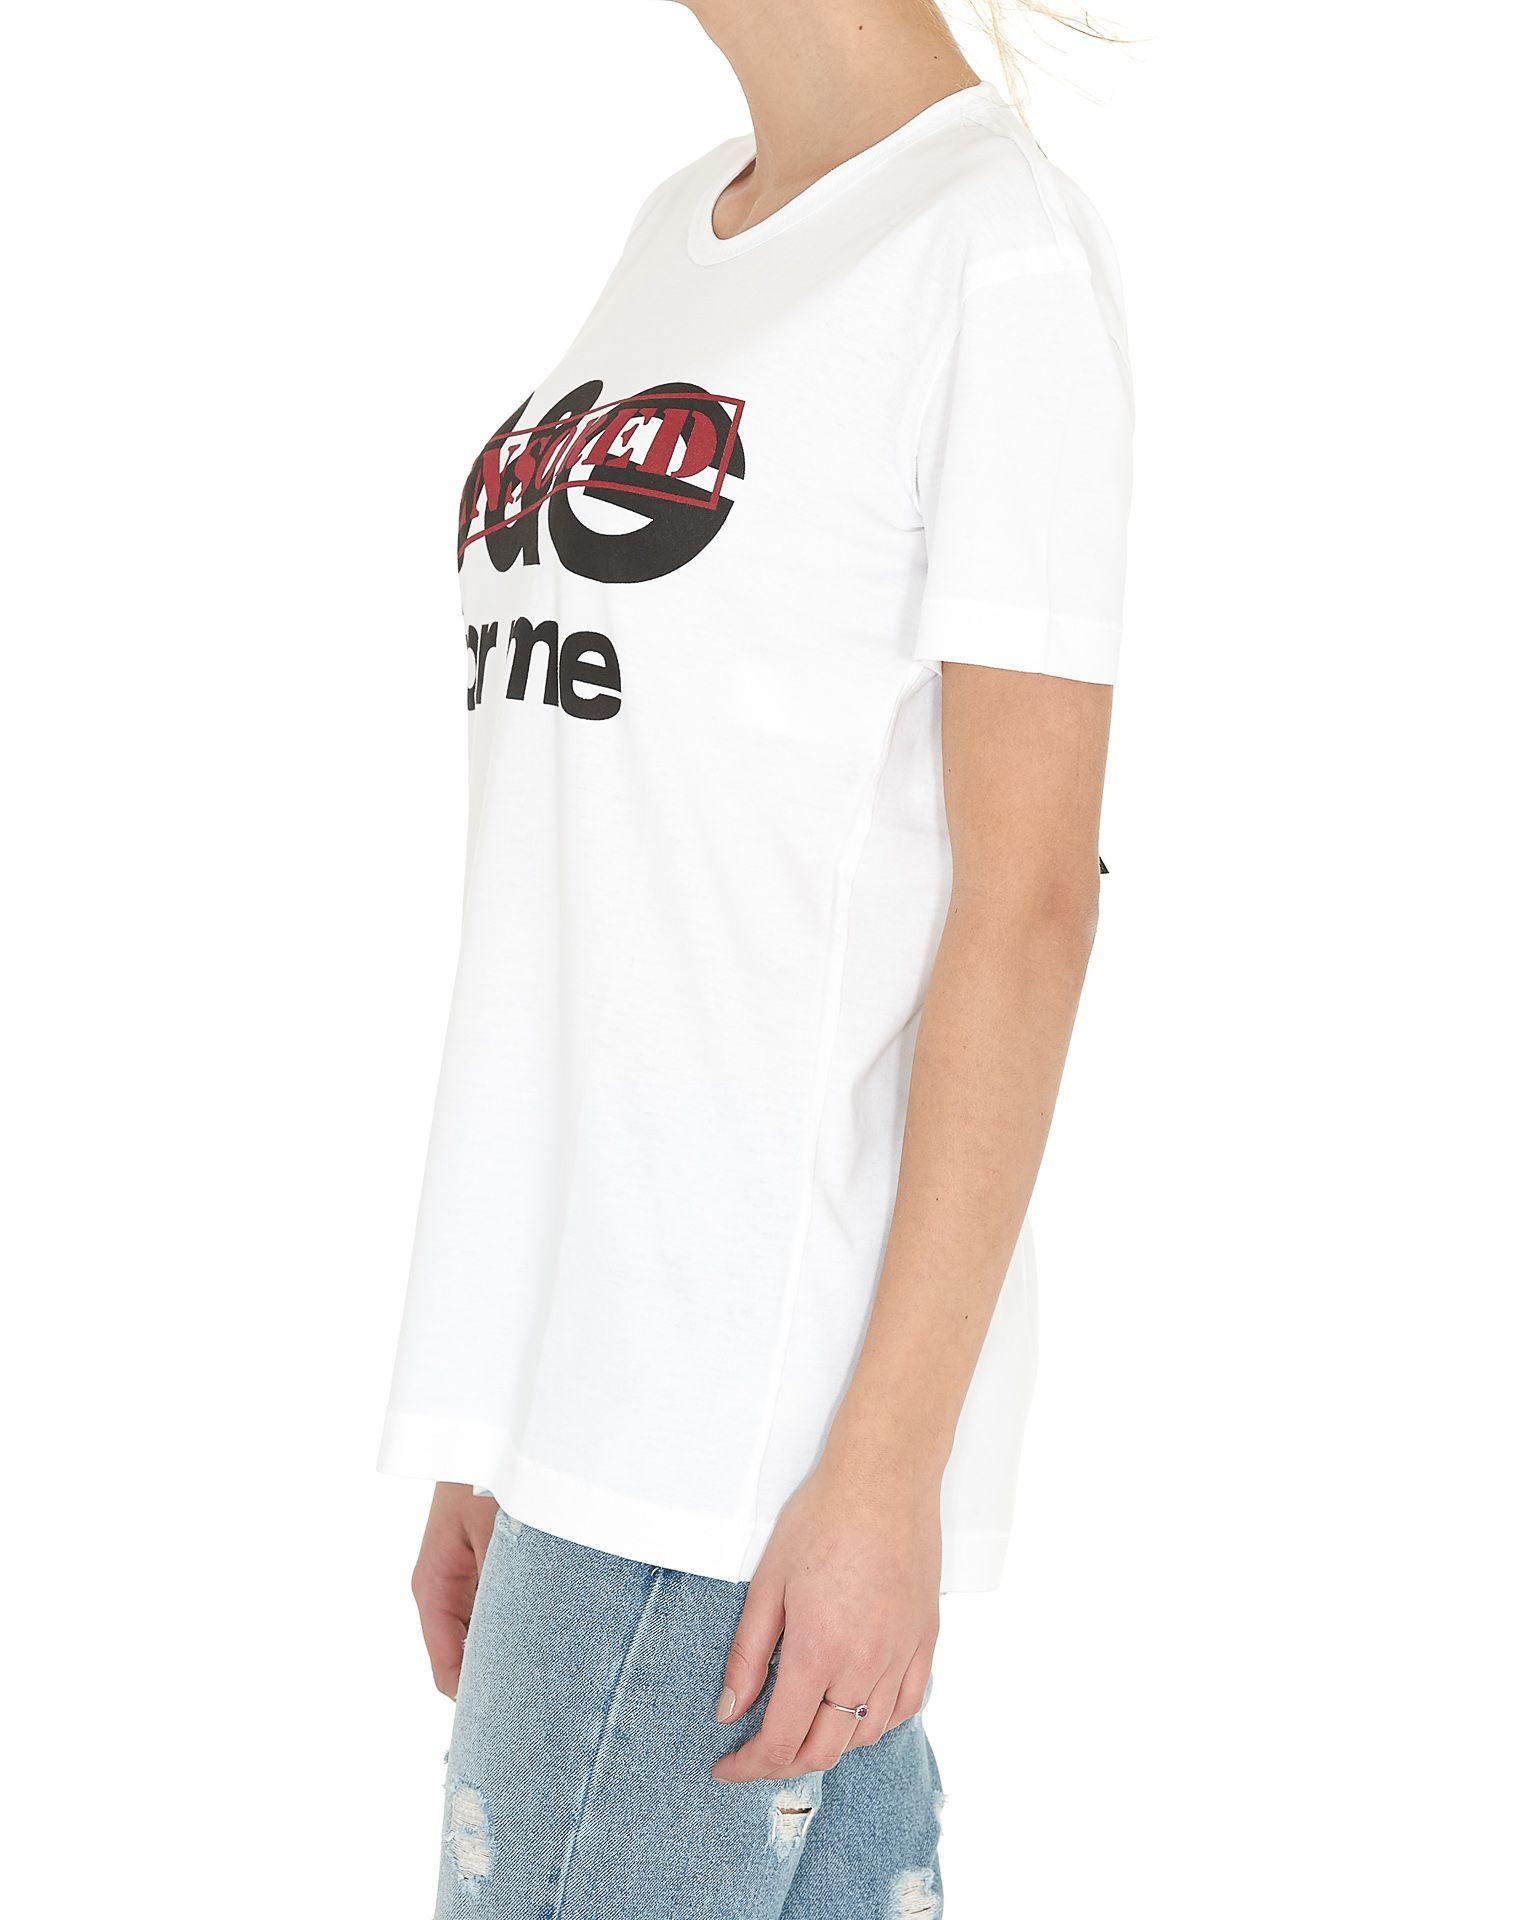 Dolce gabbana dolce gabbana censored tshirt white for Dolce gabbana t shirt women